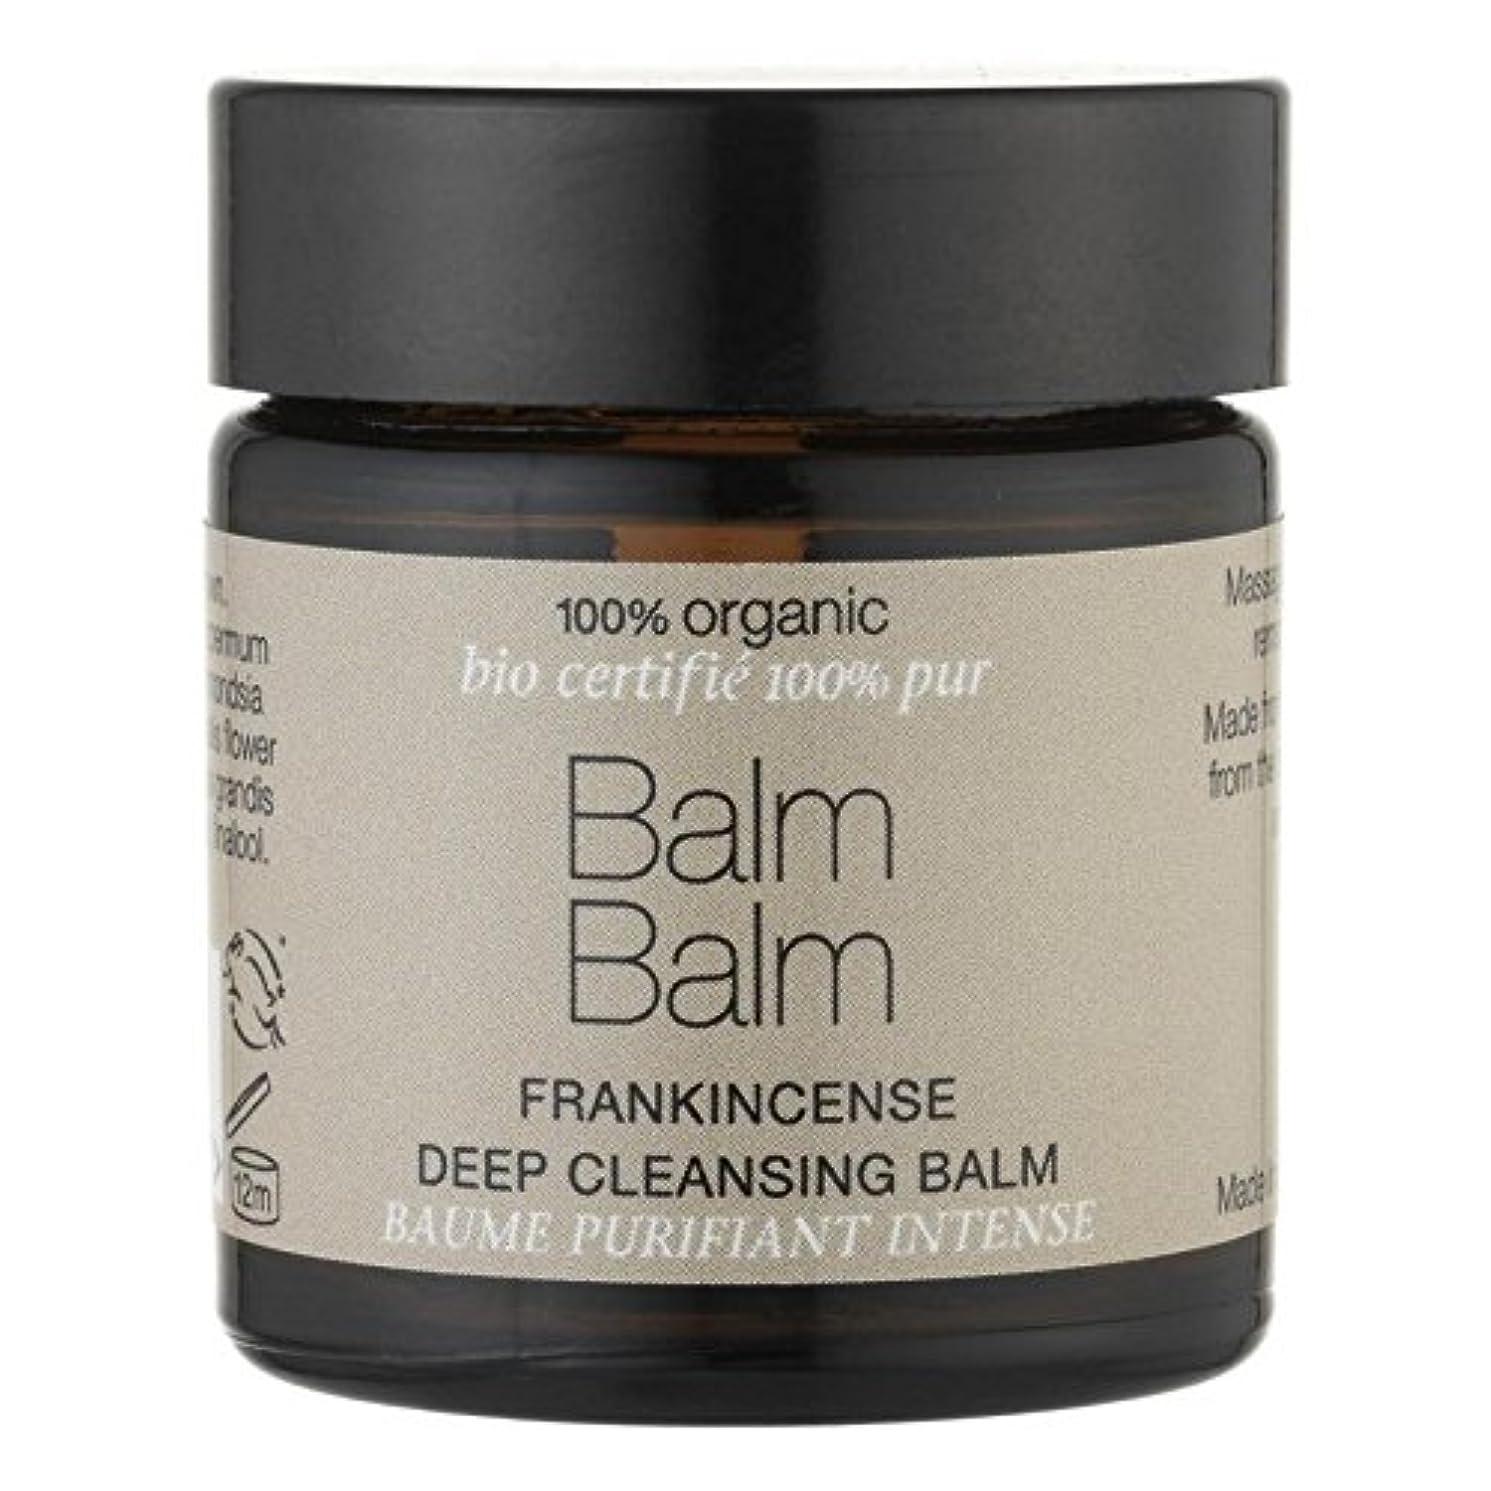 伝染病聖域かまどバームバーム乳香有機ディープクレンジングクリーム30ミリリットル x2 - Balm Balm Frankincense Organic Deep Cleansing Balm 30ml (Pack of 2) [並行輸入品]